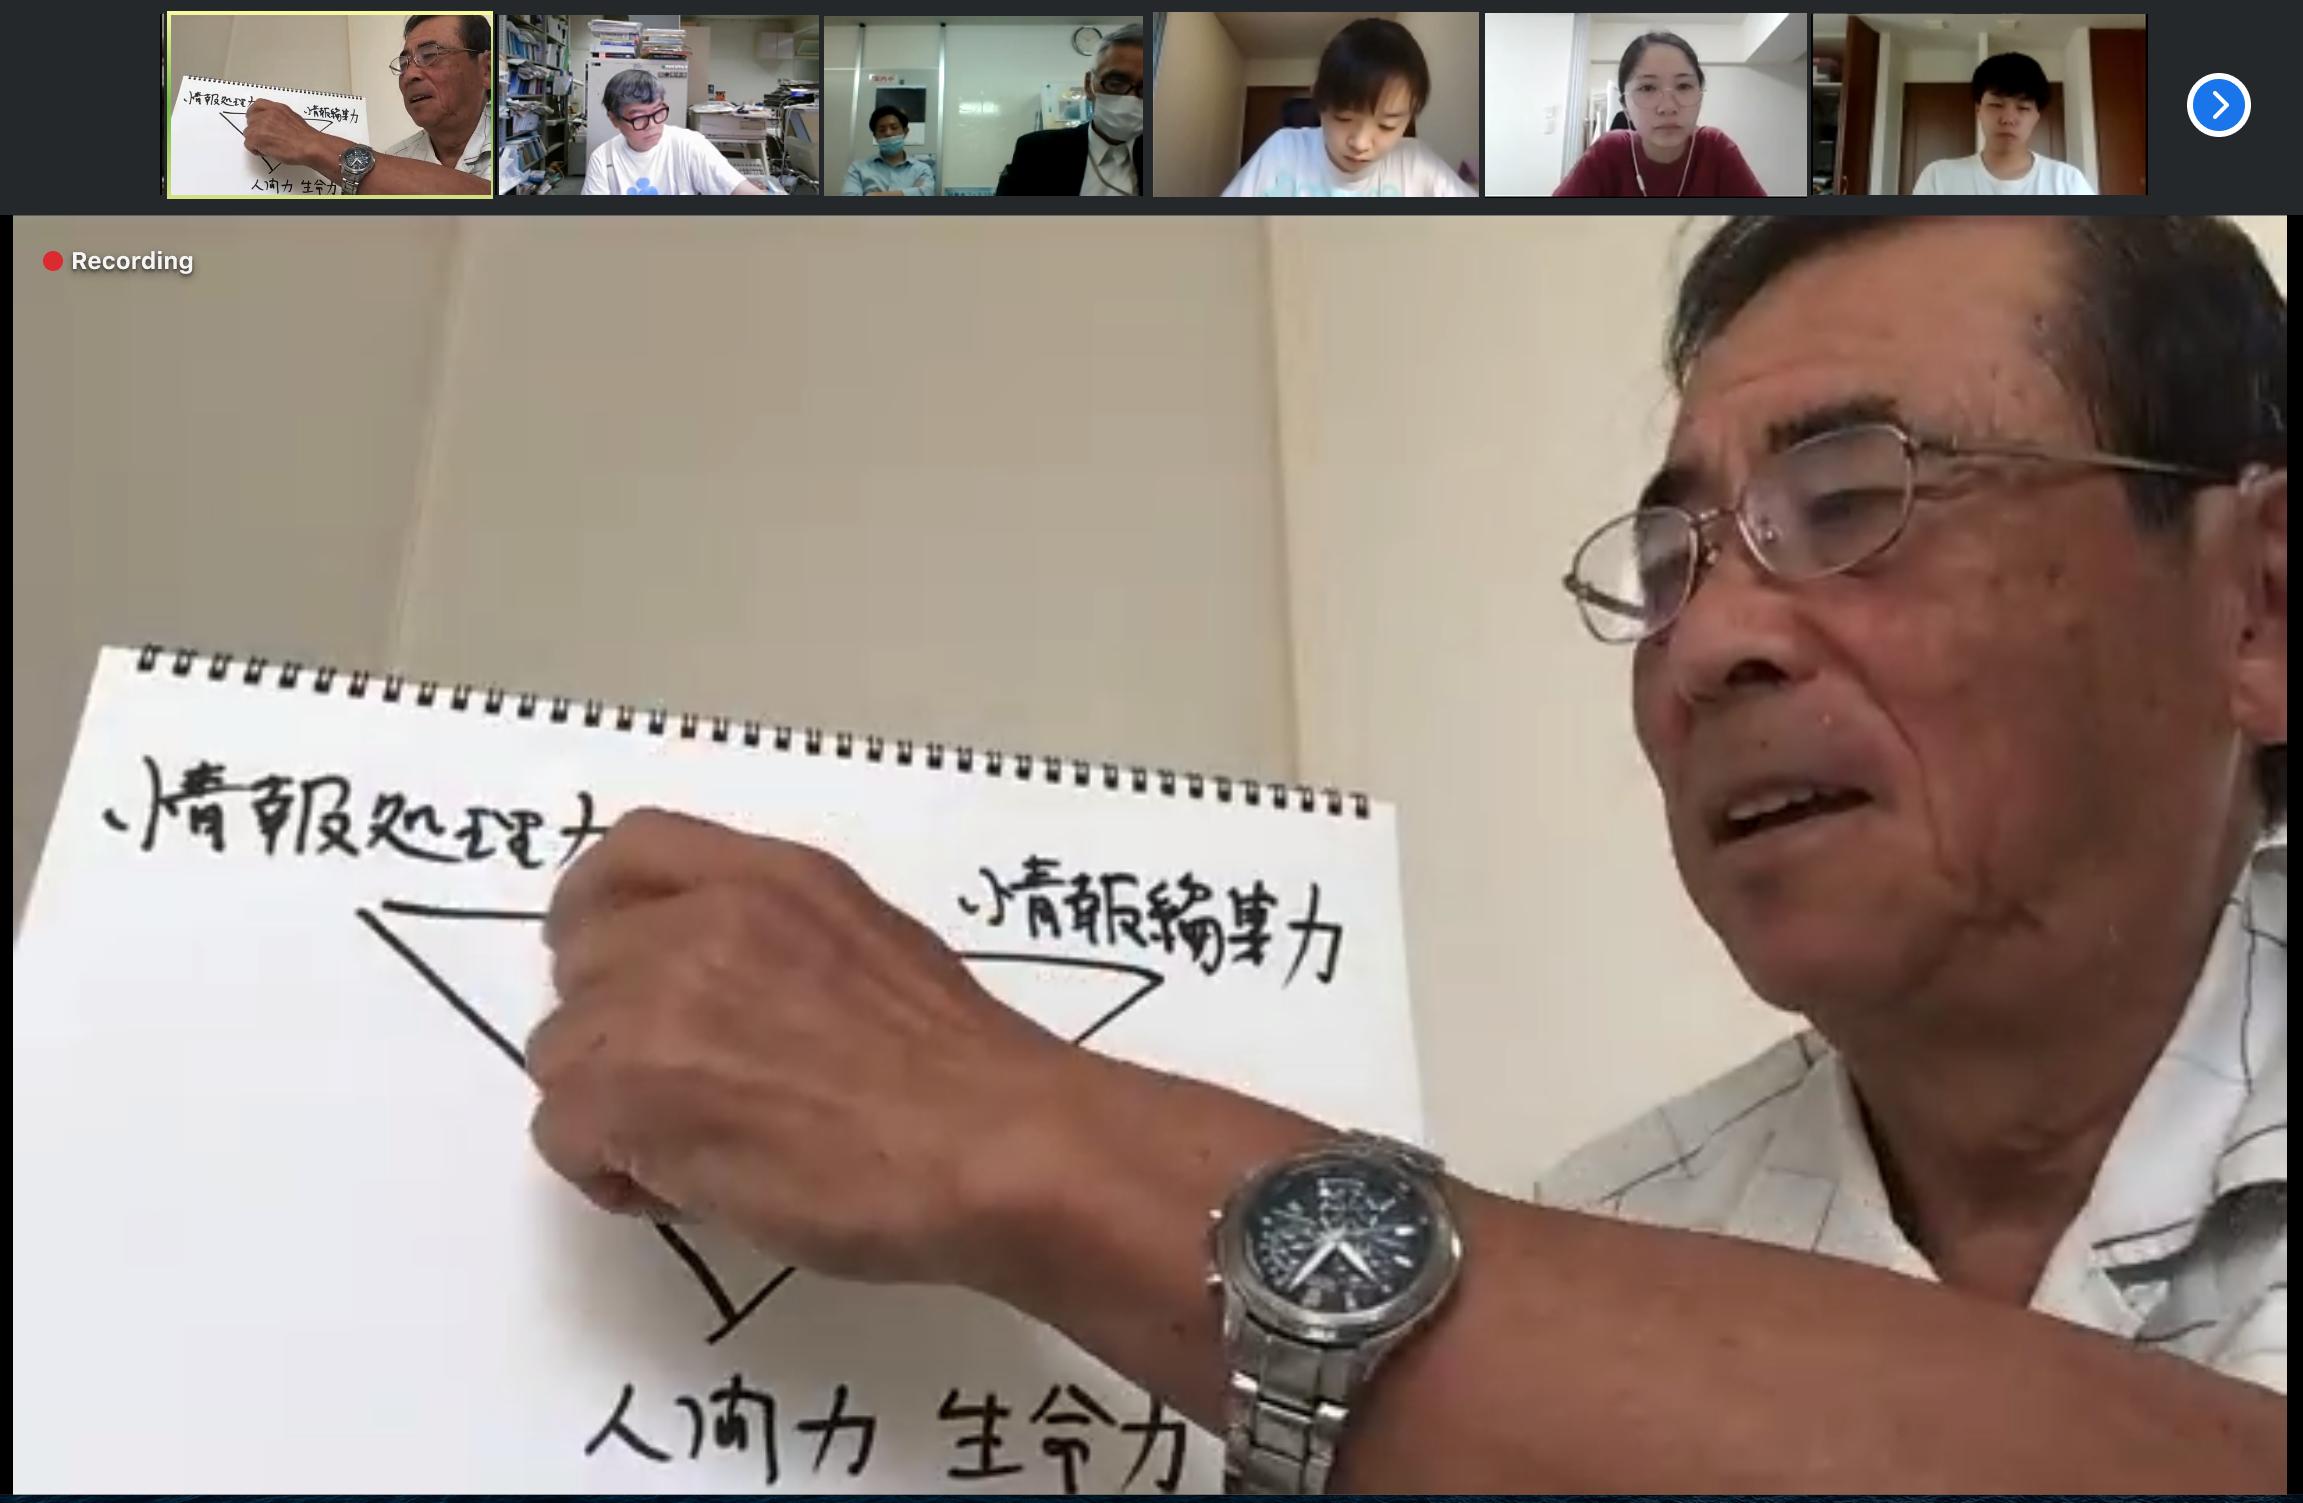 松下氏による第4回オンライン講義